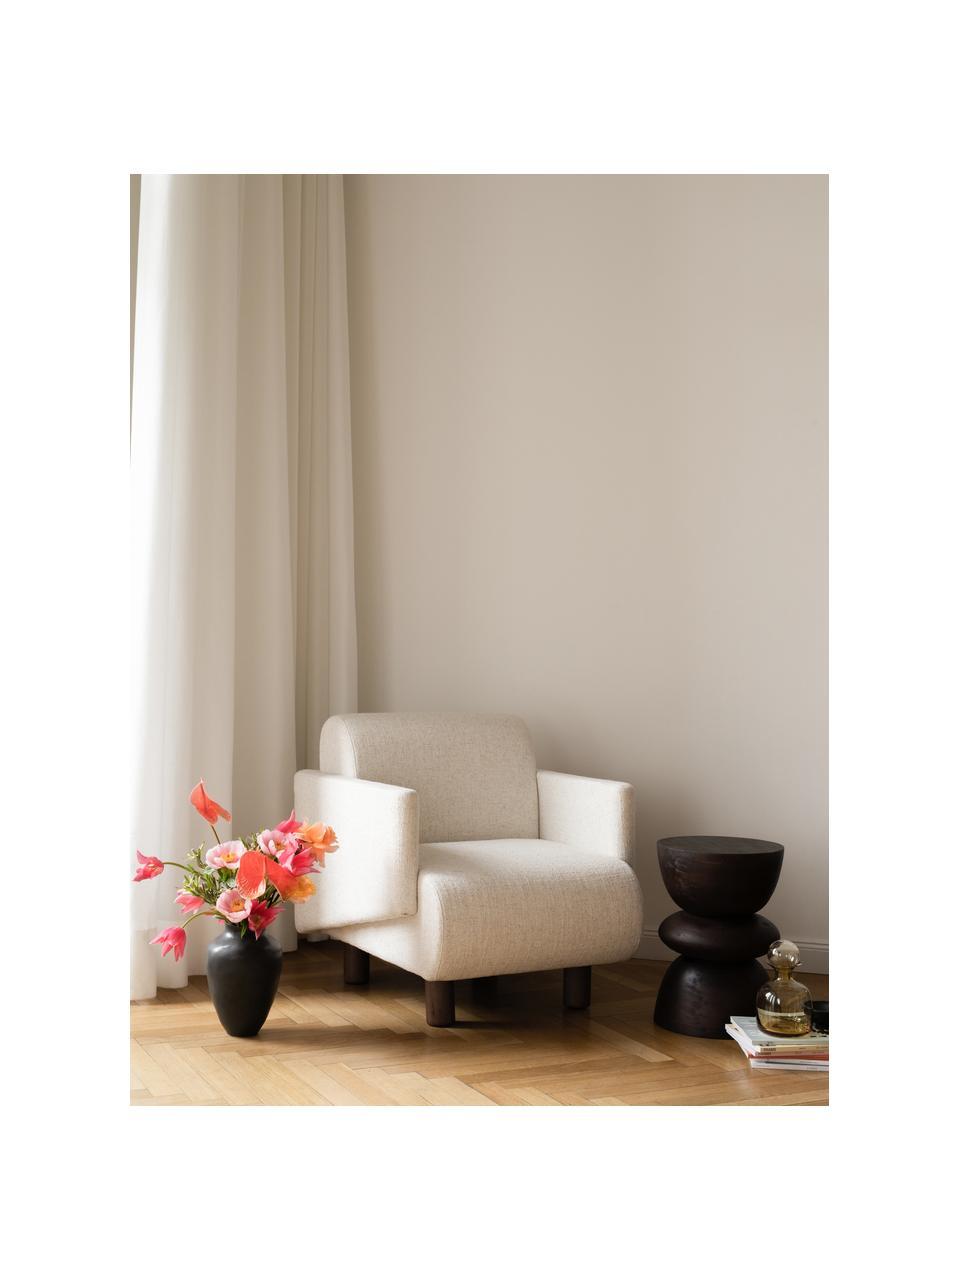 Bouclé loungefauteuil Coco in crèmewit met houten poten, Bekleding: 100% polyester, Poten: massief gelakt beukenhout, Bouclé beige, 92 x 79 cm